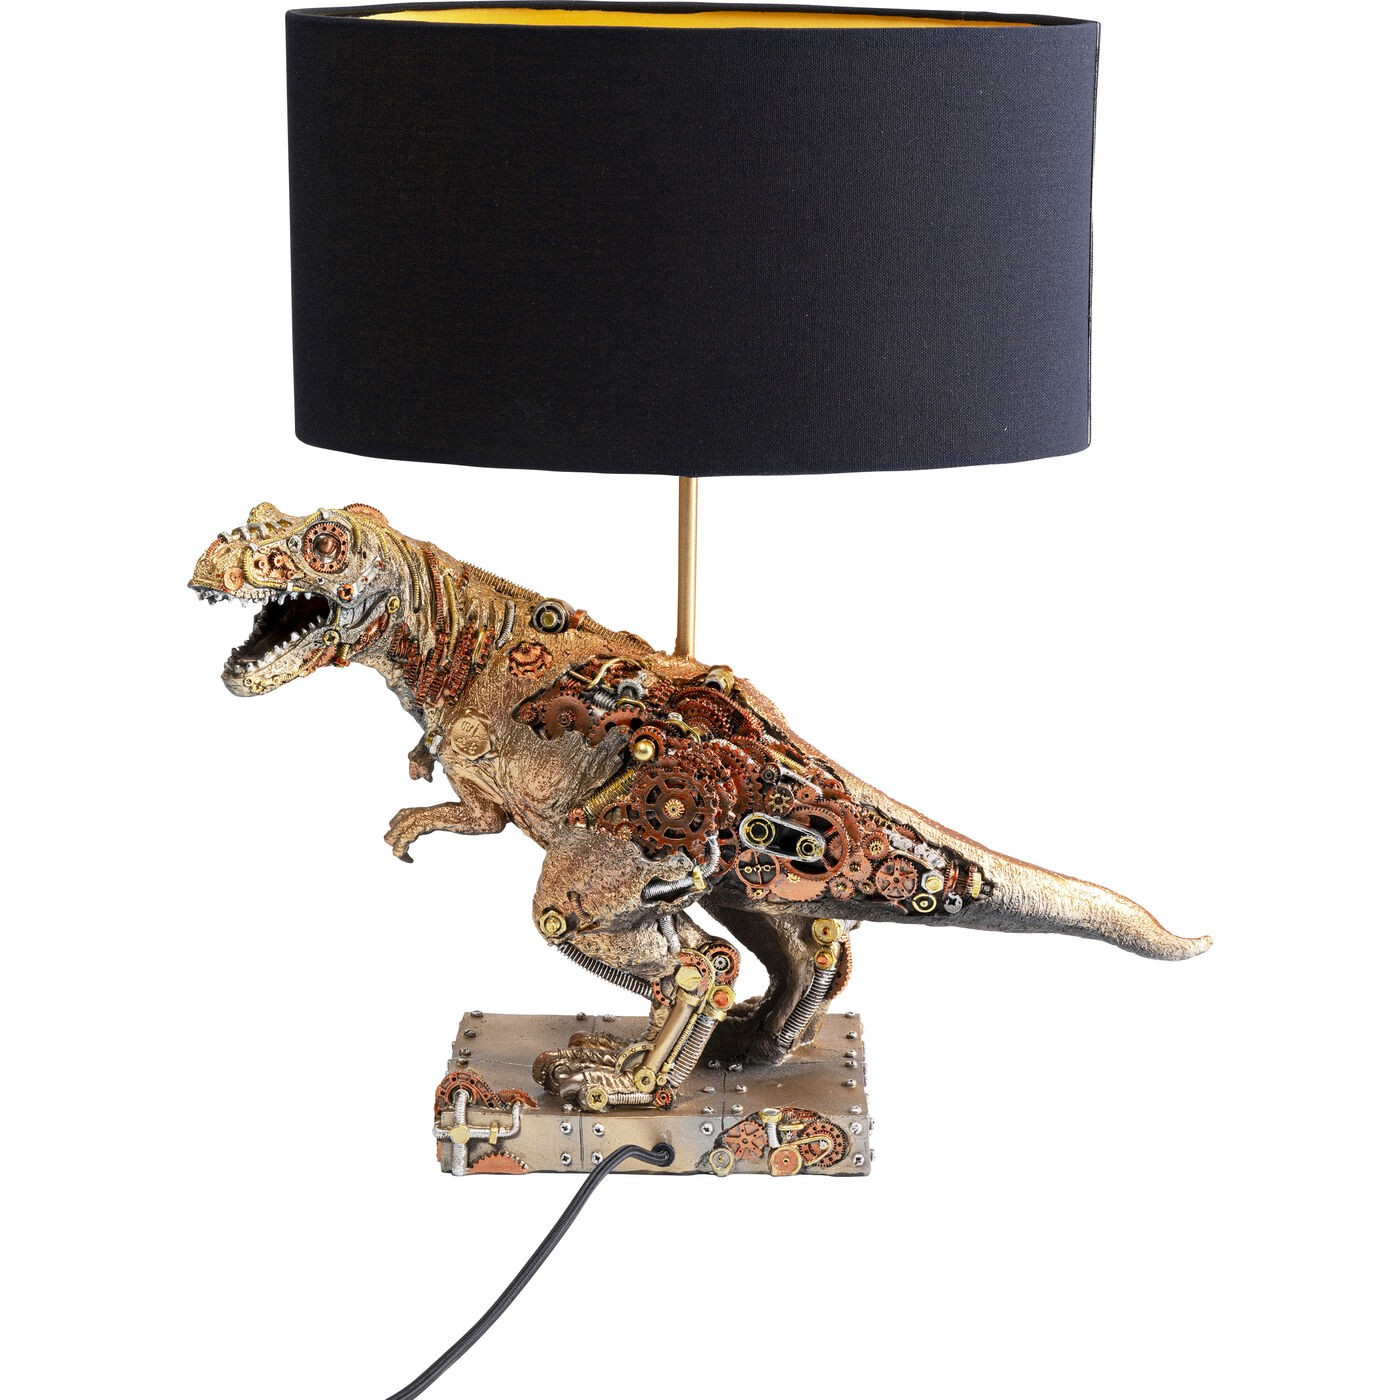 Lampe tyrannosaure steampunk en polyrésine et abat-jour noir